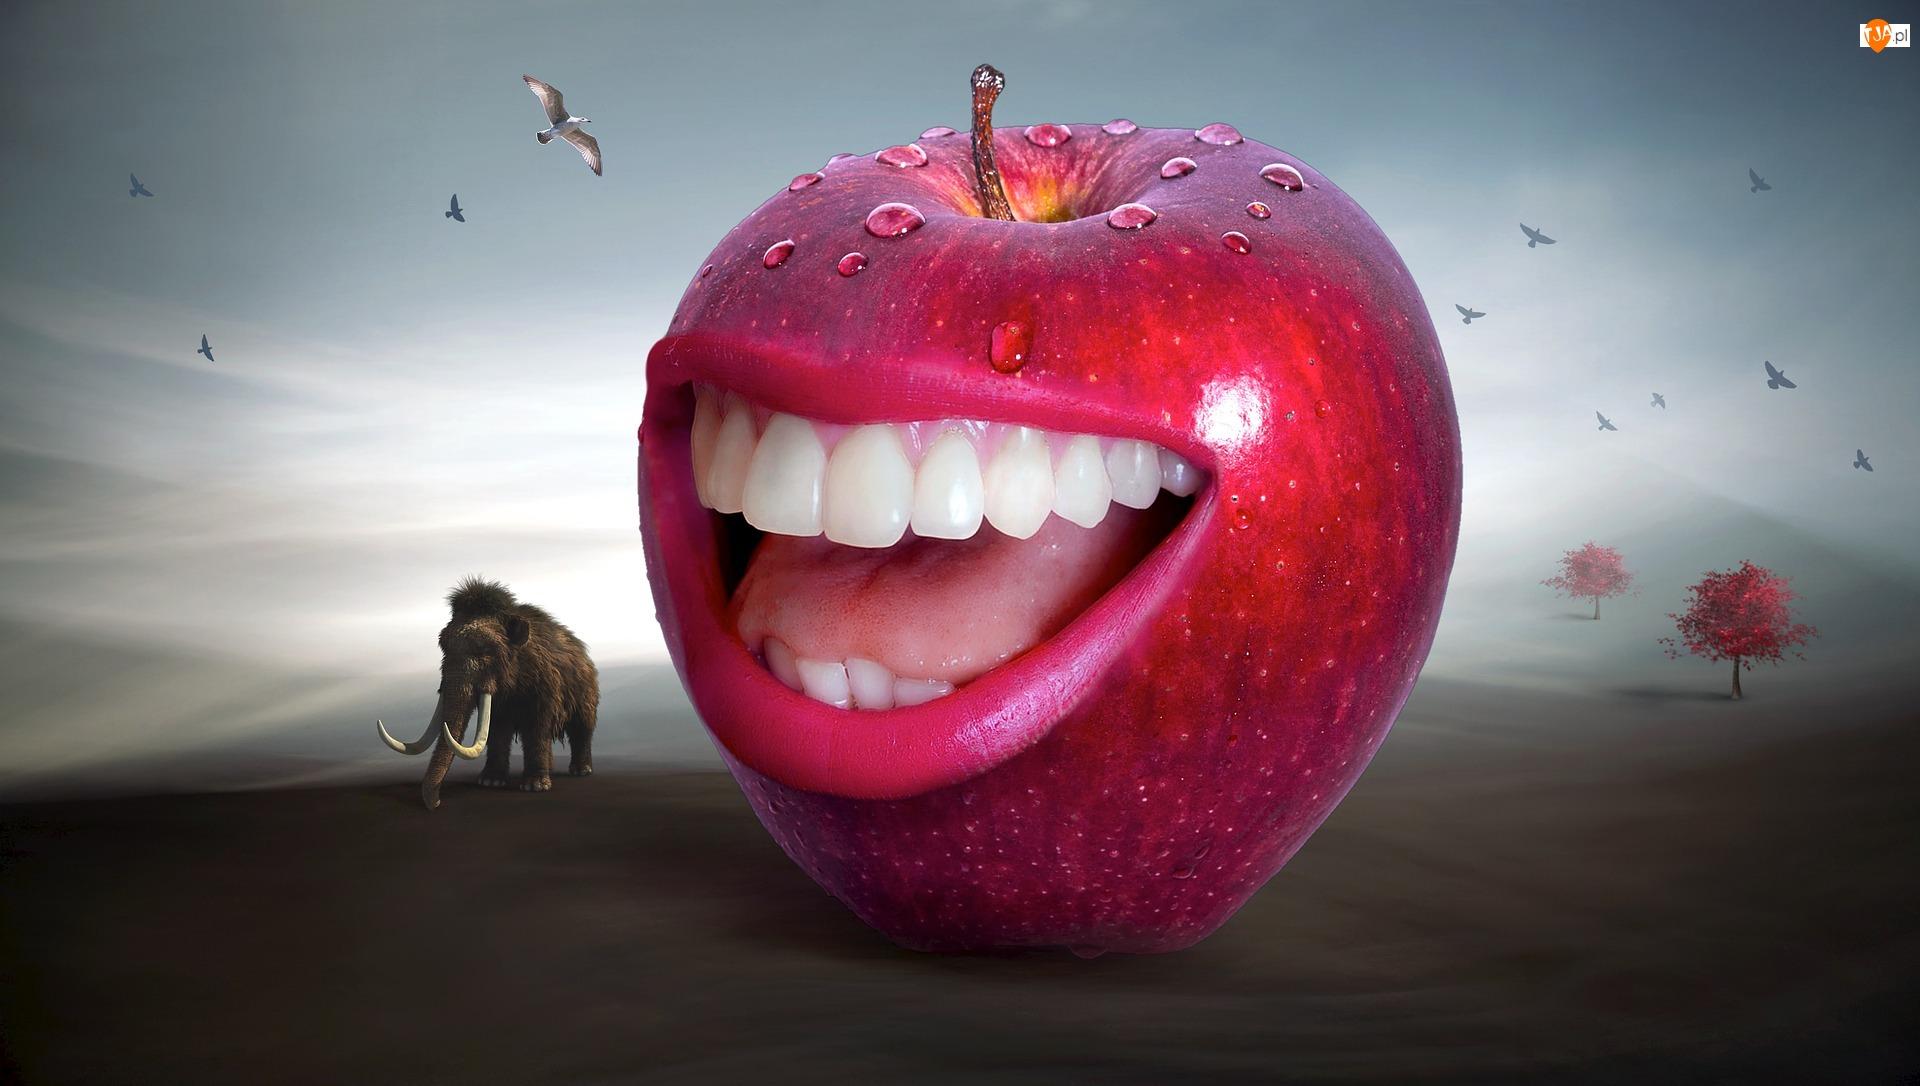 Mamut, Uśmiech, Grafika 2D, Czerwone, Zęby, Jabłko, Ptaki, Usta, Drzewo